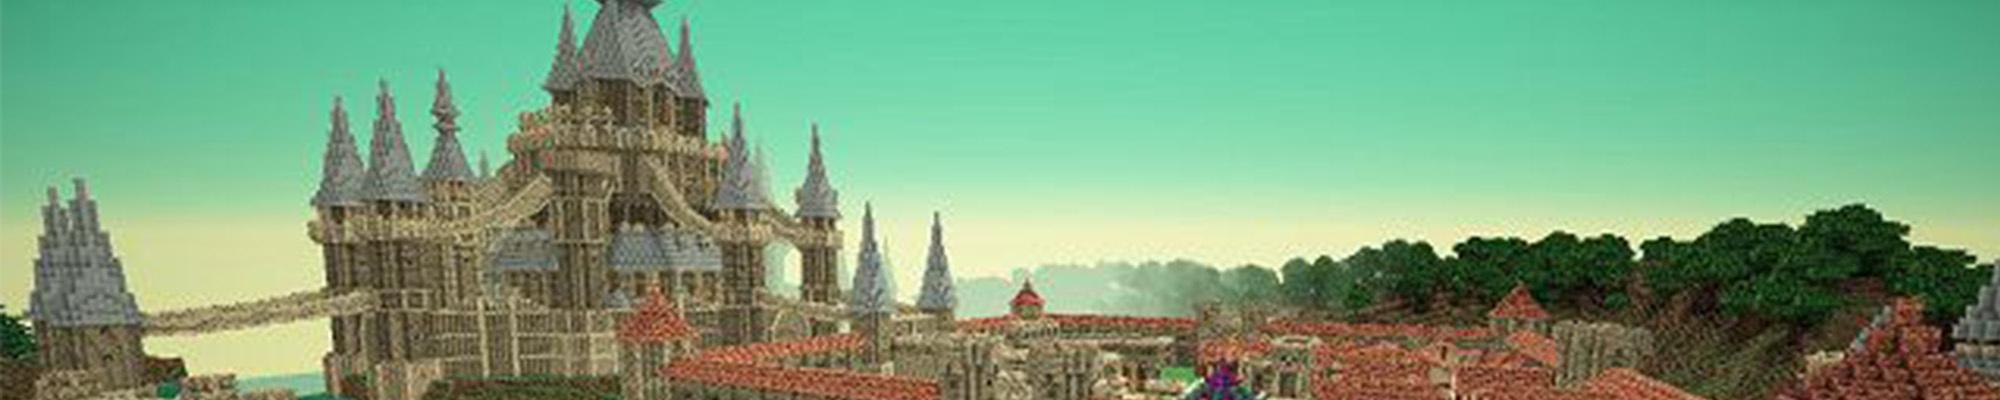 用乐高搭个海拉尔城堡